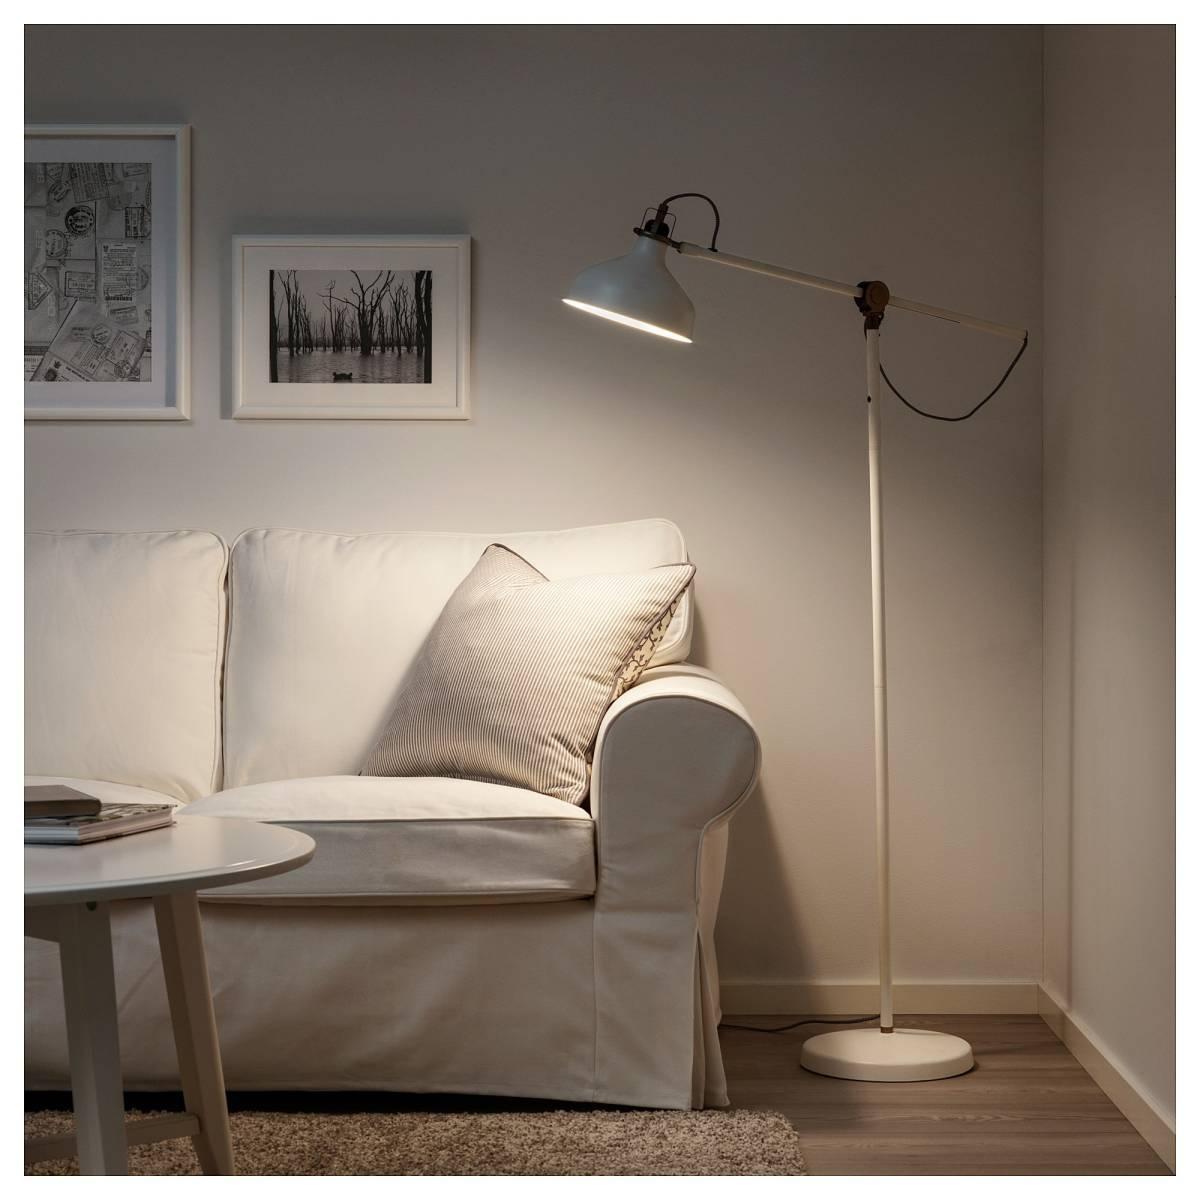 [美品]IKEA RANARP フロアランプ 間接 照明 ライト 読書 ラウンジ オフホワイト 白 無機質 インテリア 北欧[IKEA無印良品大量出品中♪]_画像7